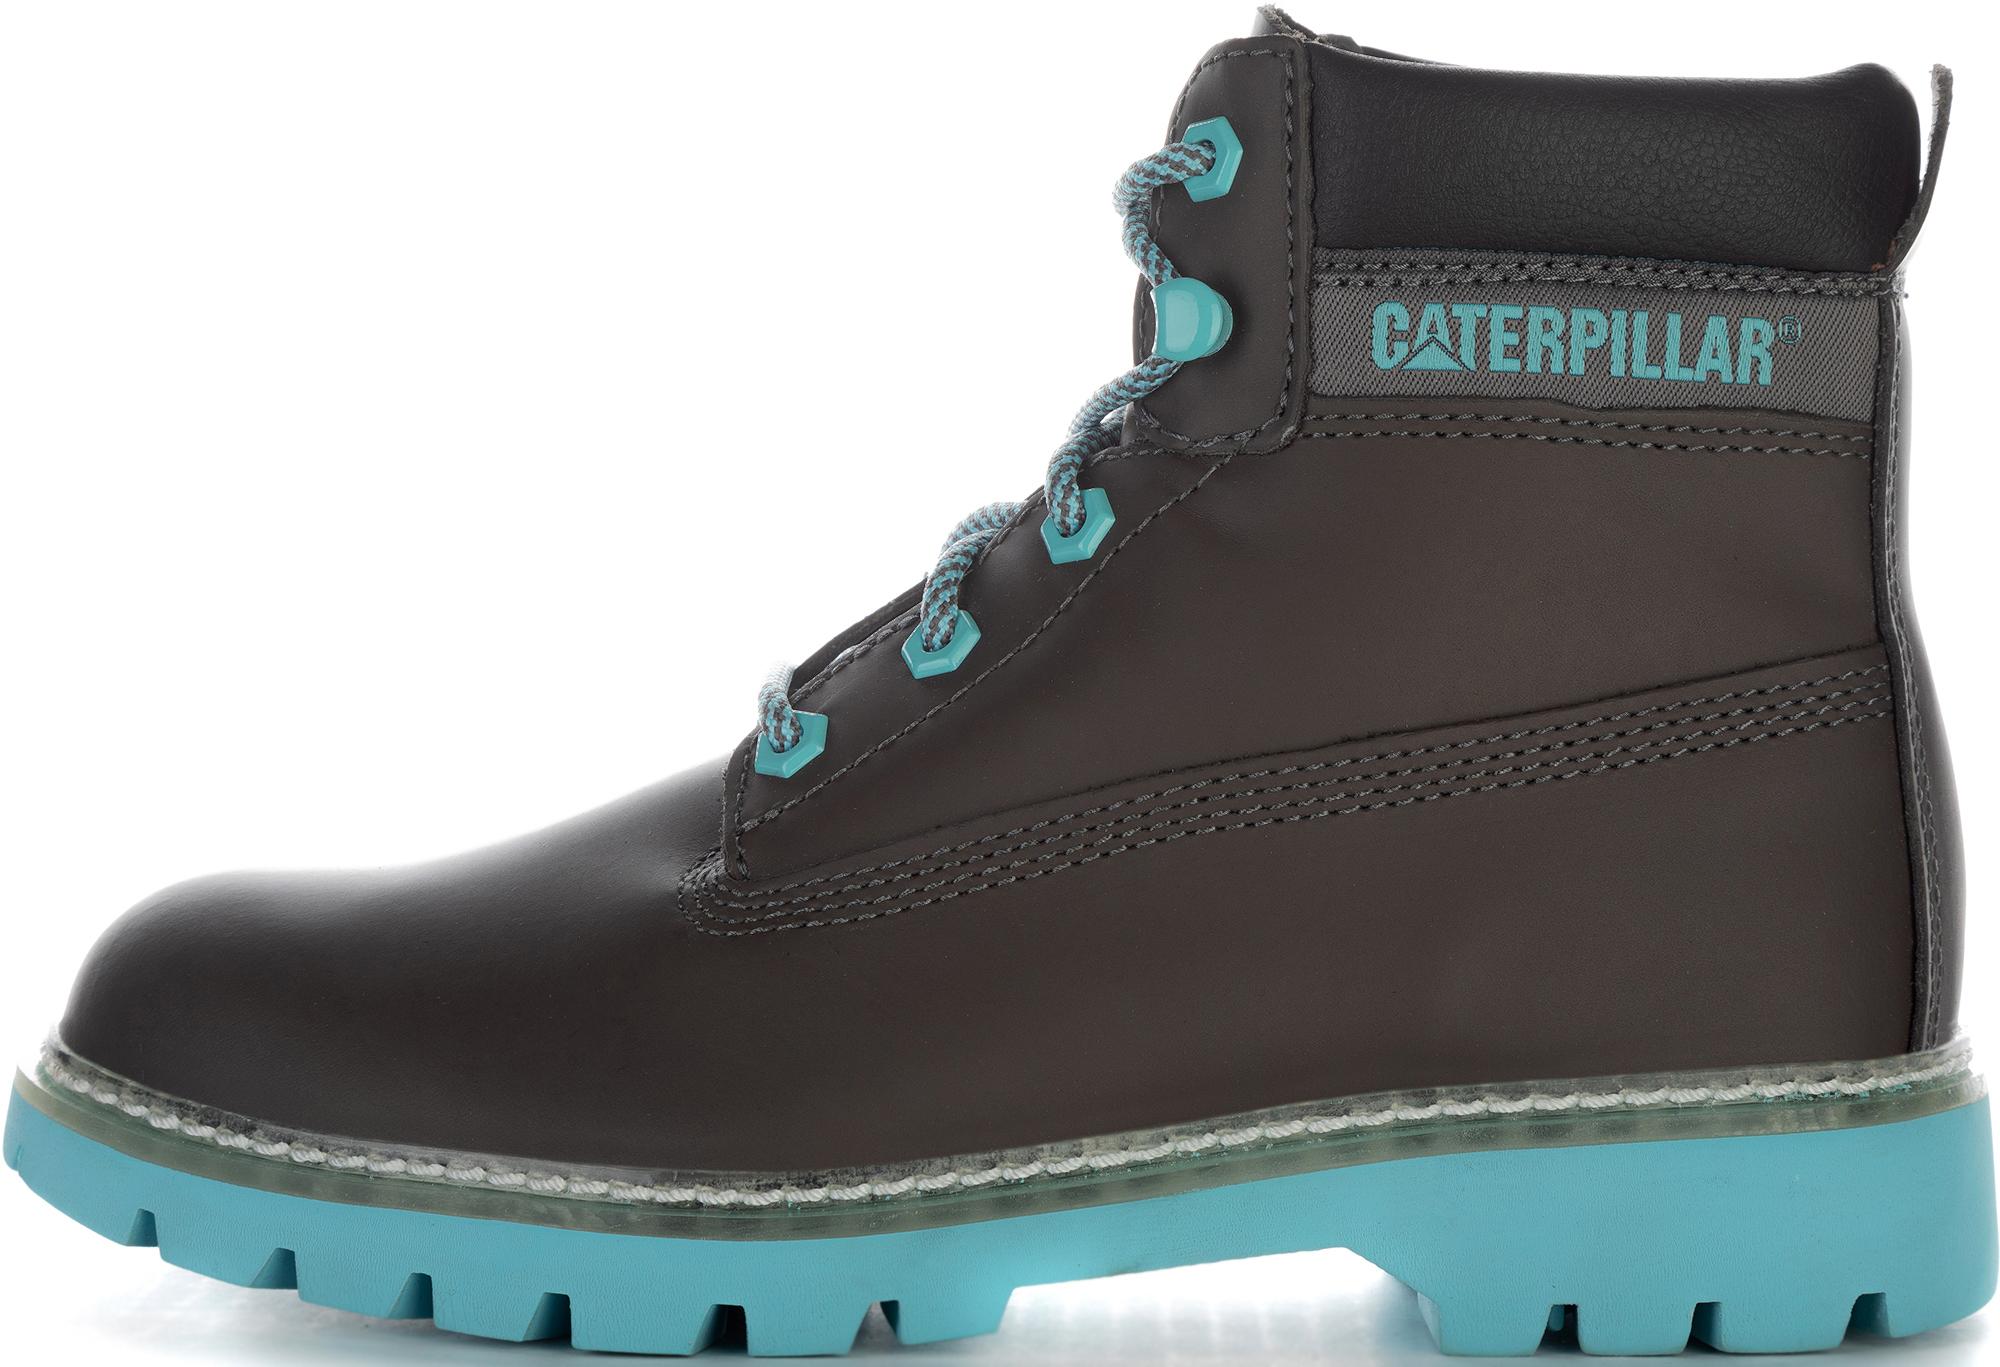 Caterpillar Ботинки женские Caterpillar Lyric, размер 41 caterpillar ботинки женские caterpillar conversion размер 41